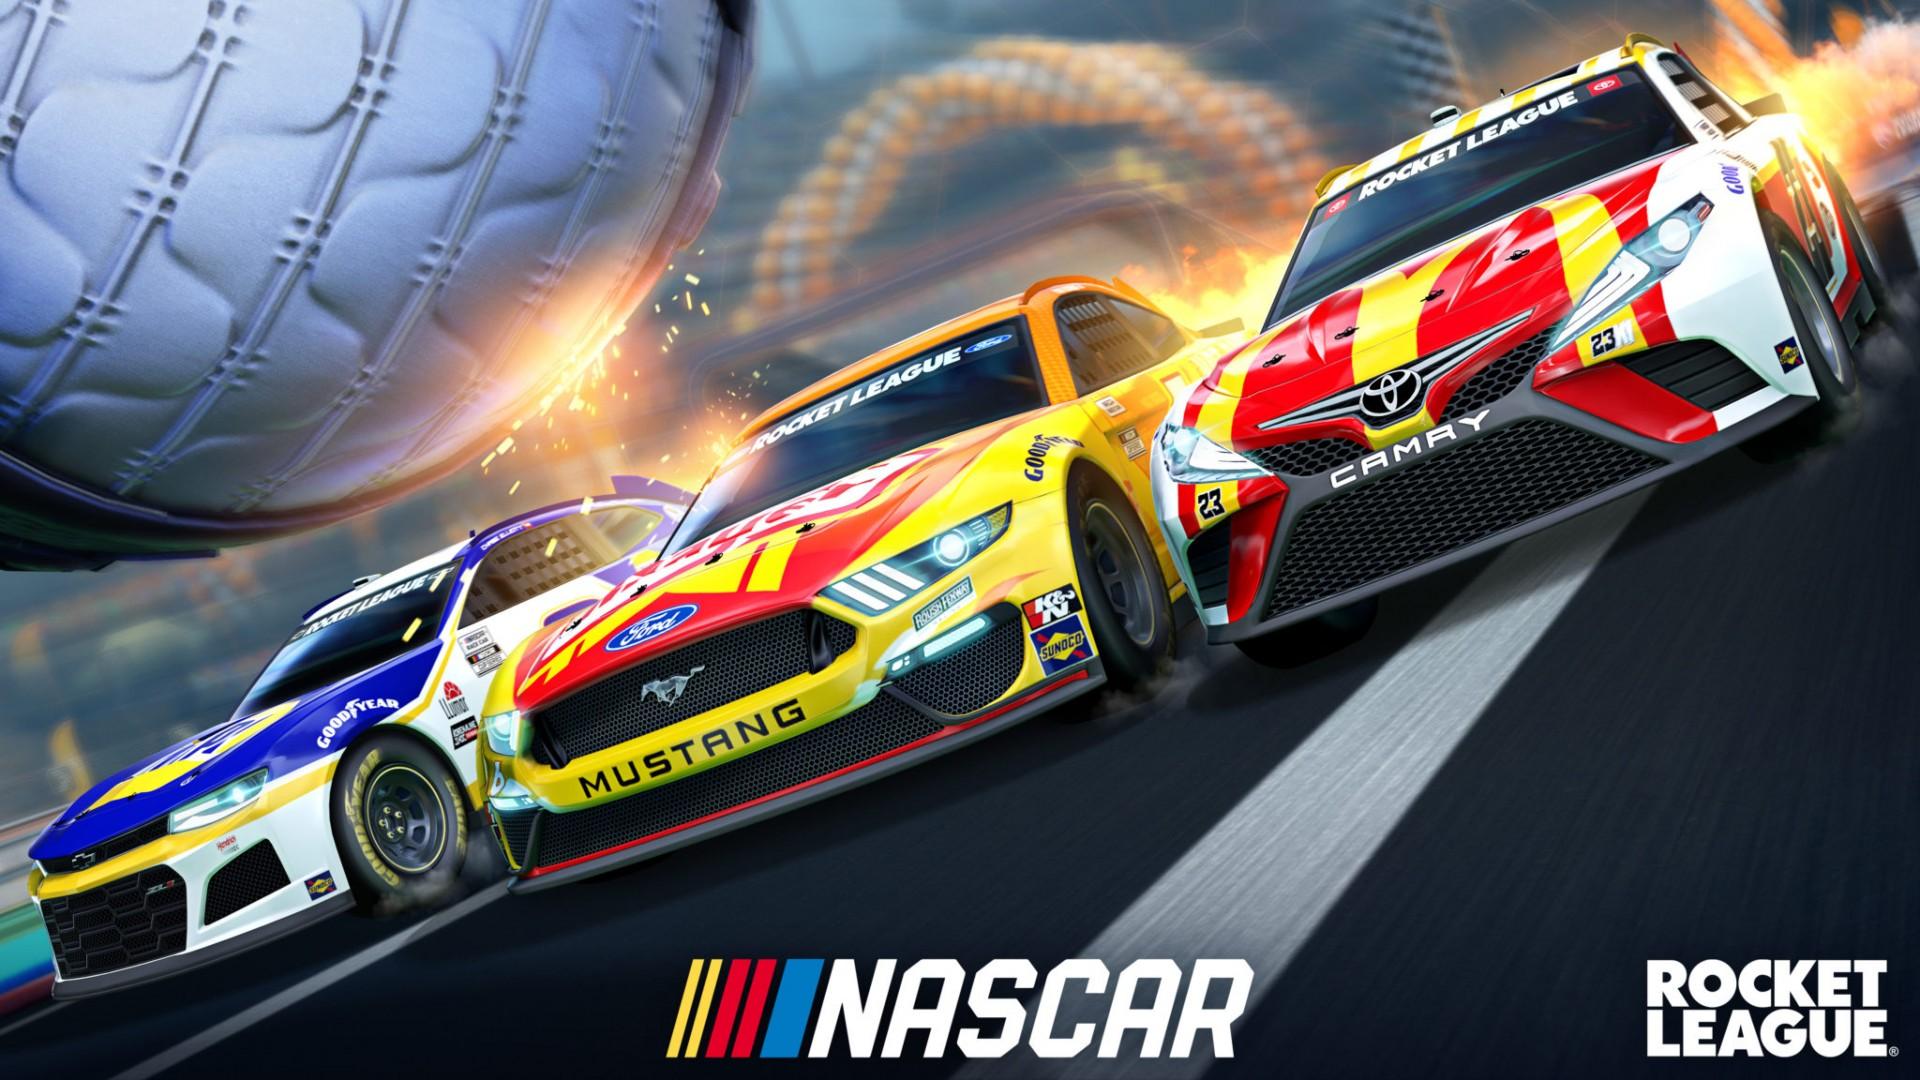 В Rocket League появятся модели машин из NASCAR